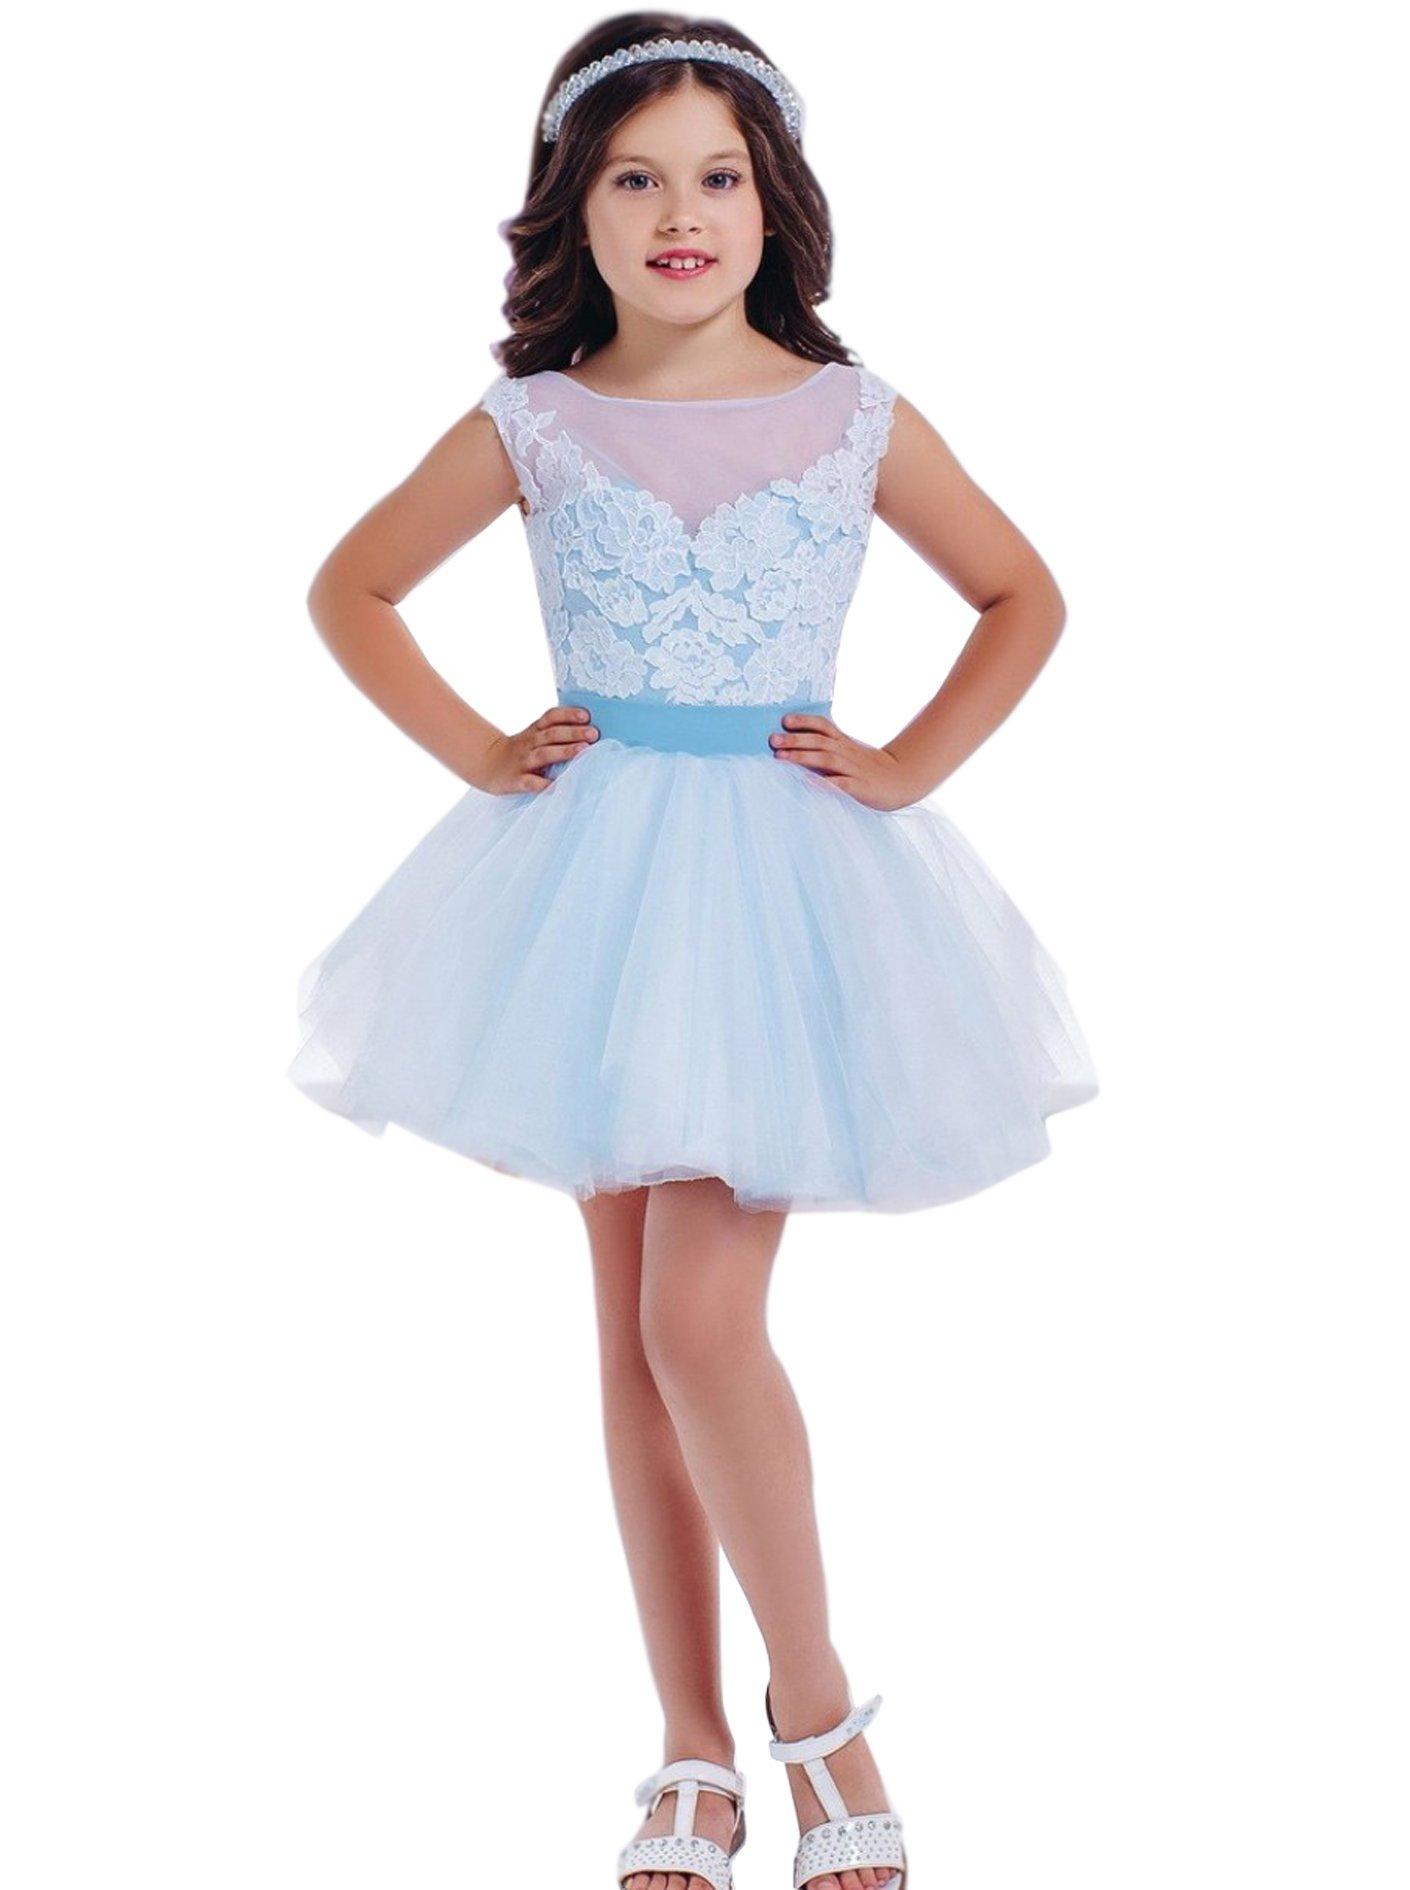 Kelaixiang Light Blue Short Lace Wedding Flower Girl Dress (2)